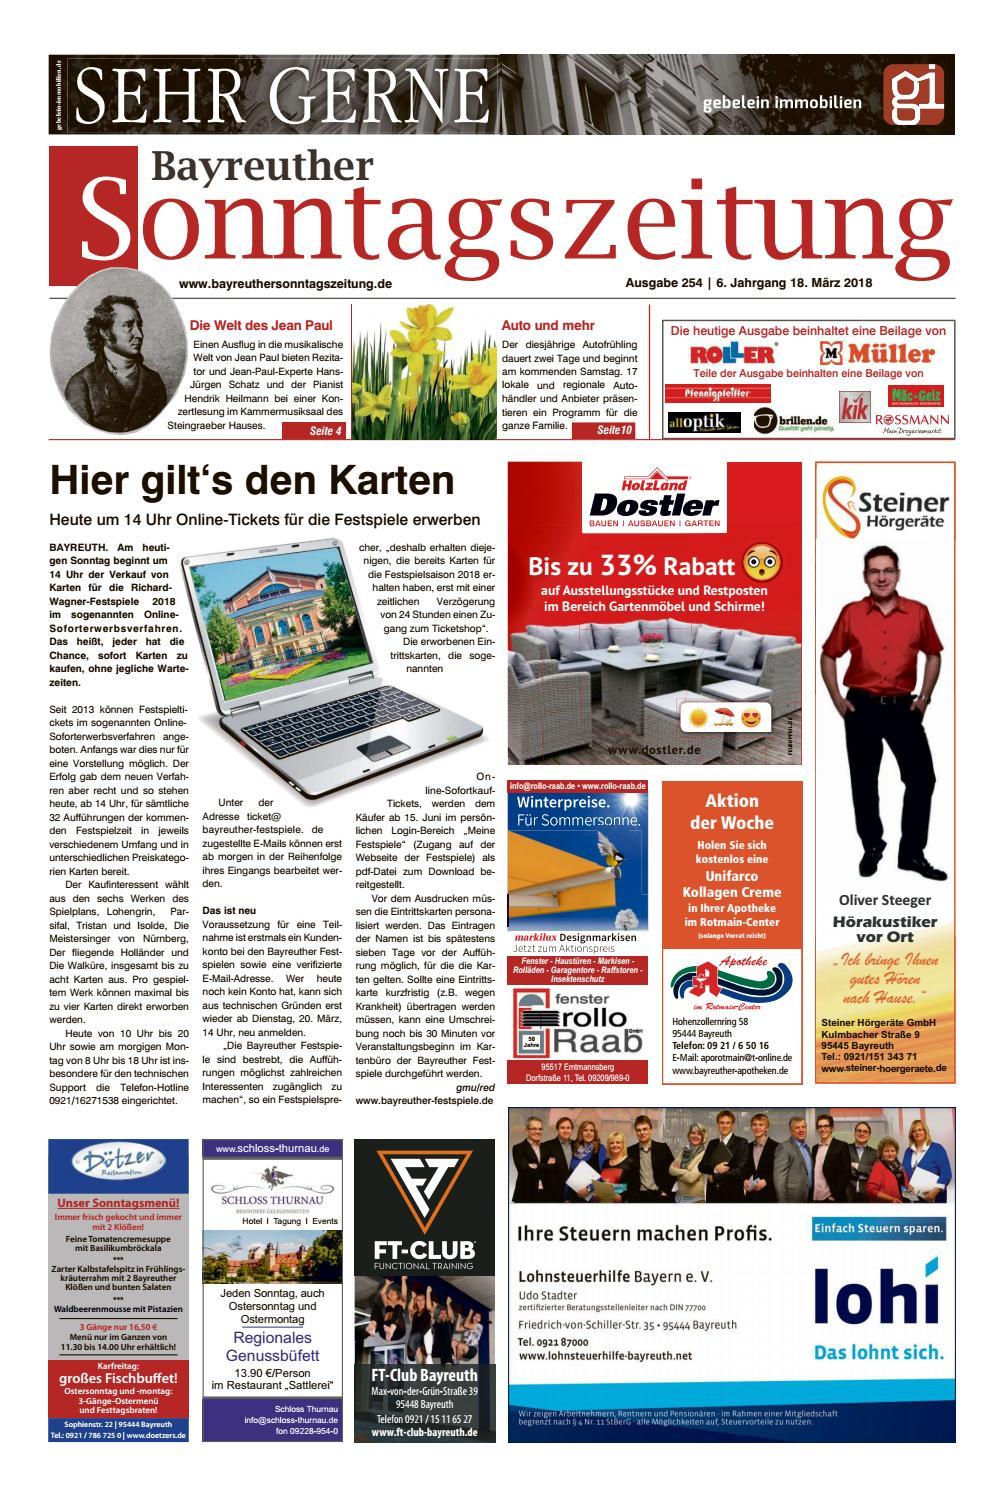 Bayreuther sonntagszeitung vom 18 03 2018 by Bayreuther ...